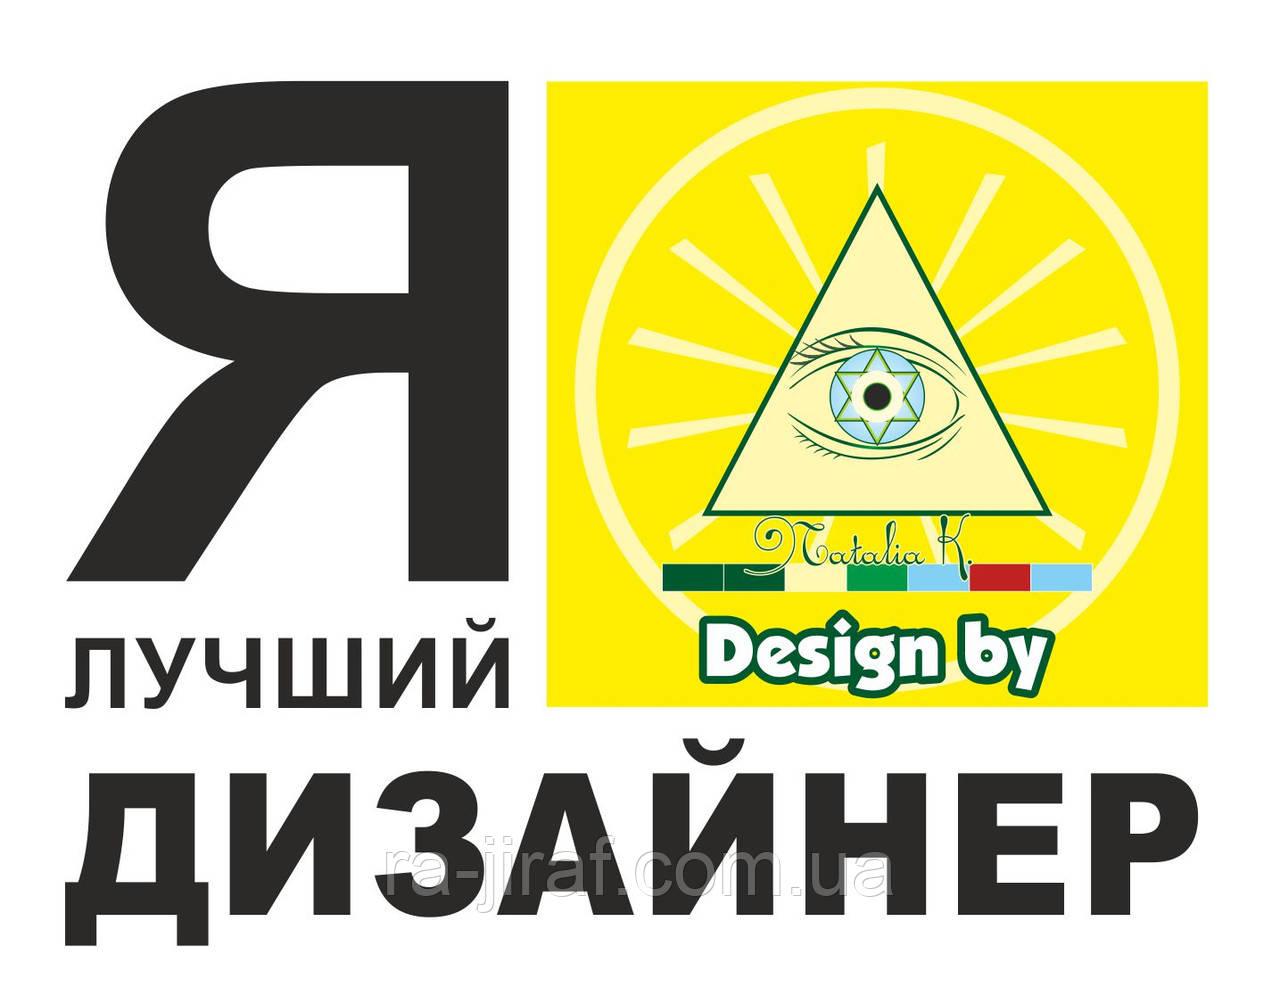 Дизайнер. Графический дизайнер. Полиграфия, реклама. Corel Draw, Photoshop, Illustrator - Рекламное агентство «ЖИРАФ» в Киеве